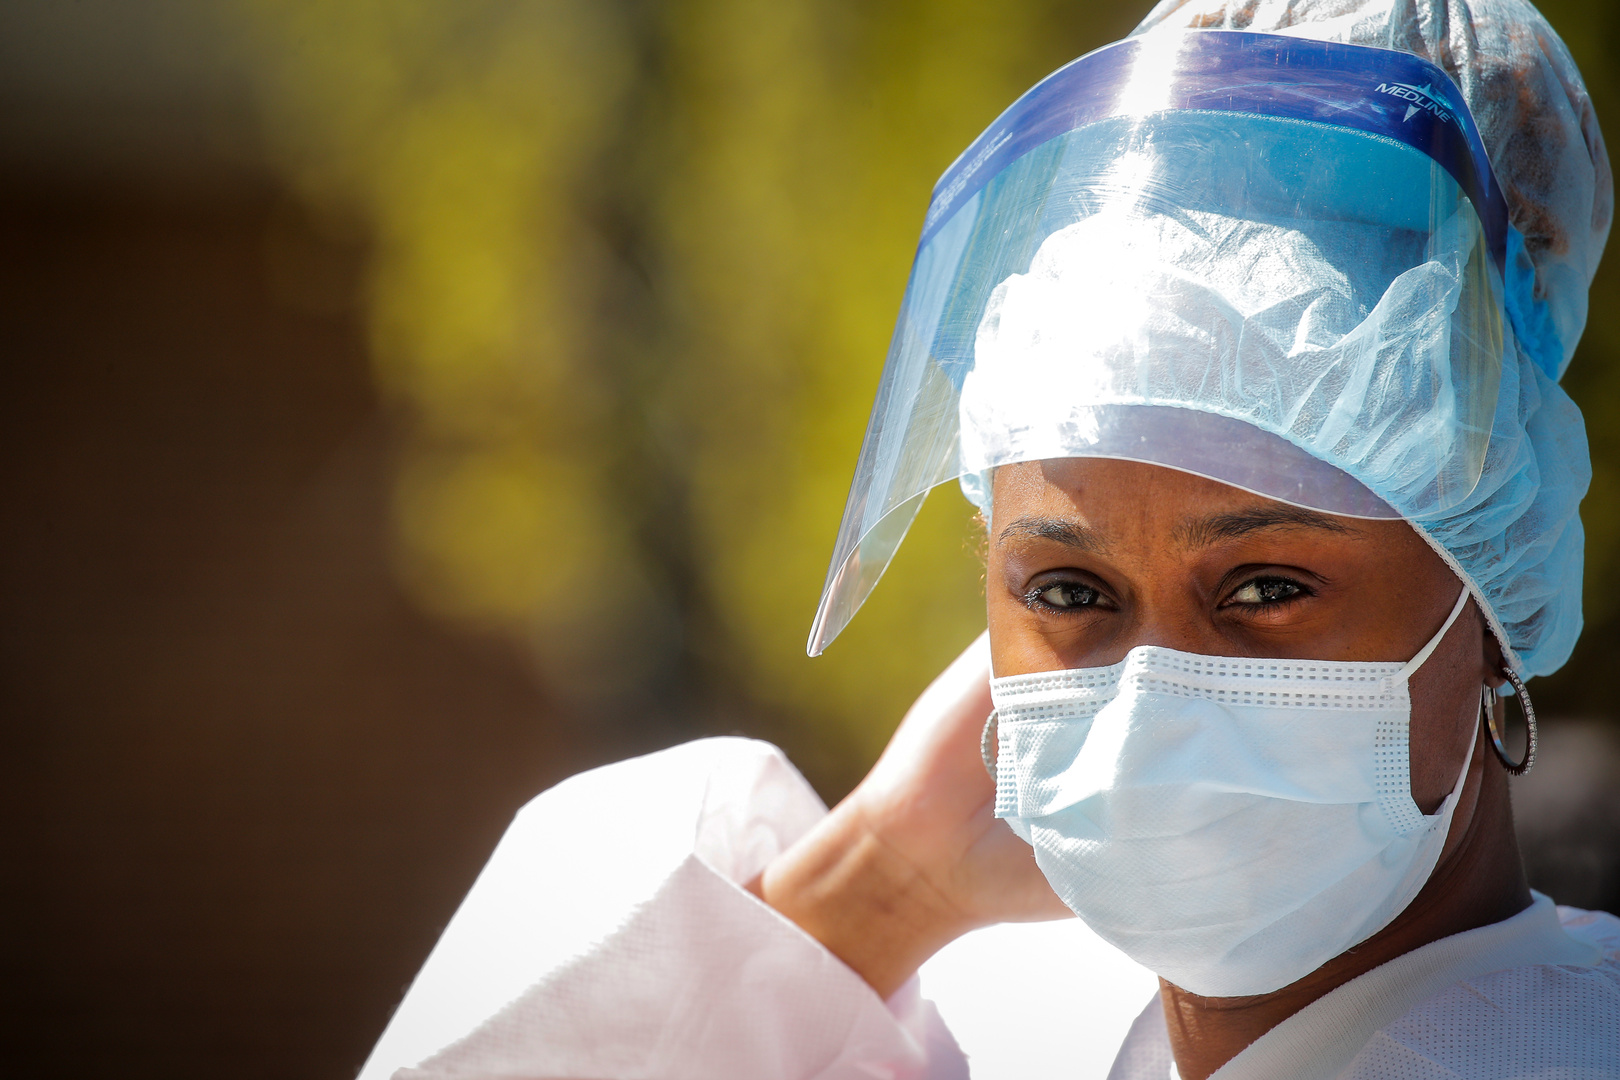 الولايات المتحدة.. 66 ألف إصابة بكورونا خلال يوم والحصيلة الإجمالية تلامس الـ3.5 مليون إصابة